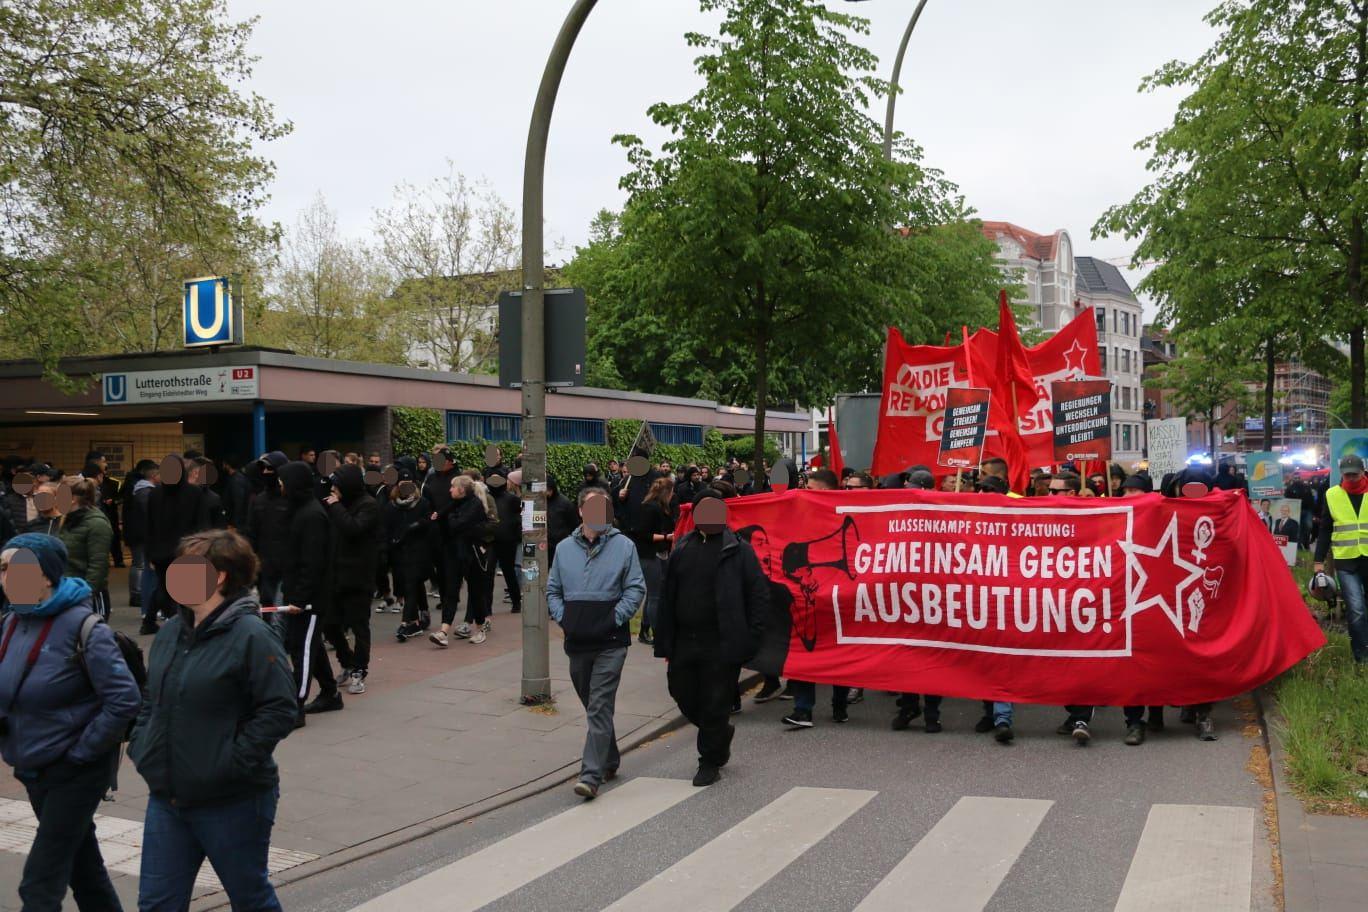 Die Demonstration löste sich gegen 21 Uhr bei der Lutterothstraße. Foto: Niklas Heiden